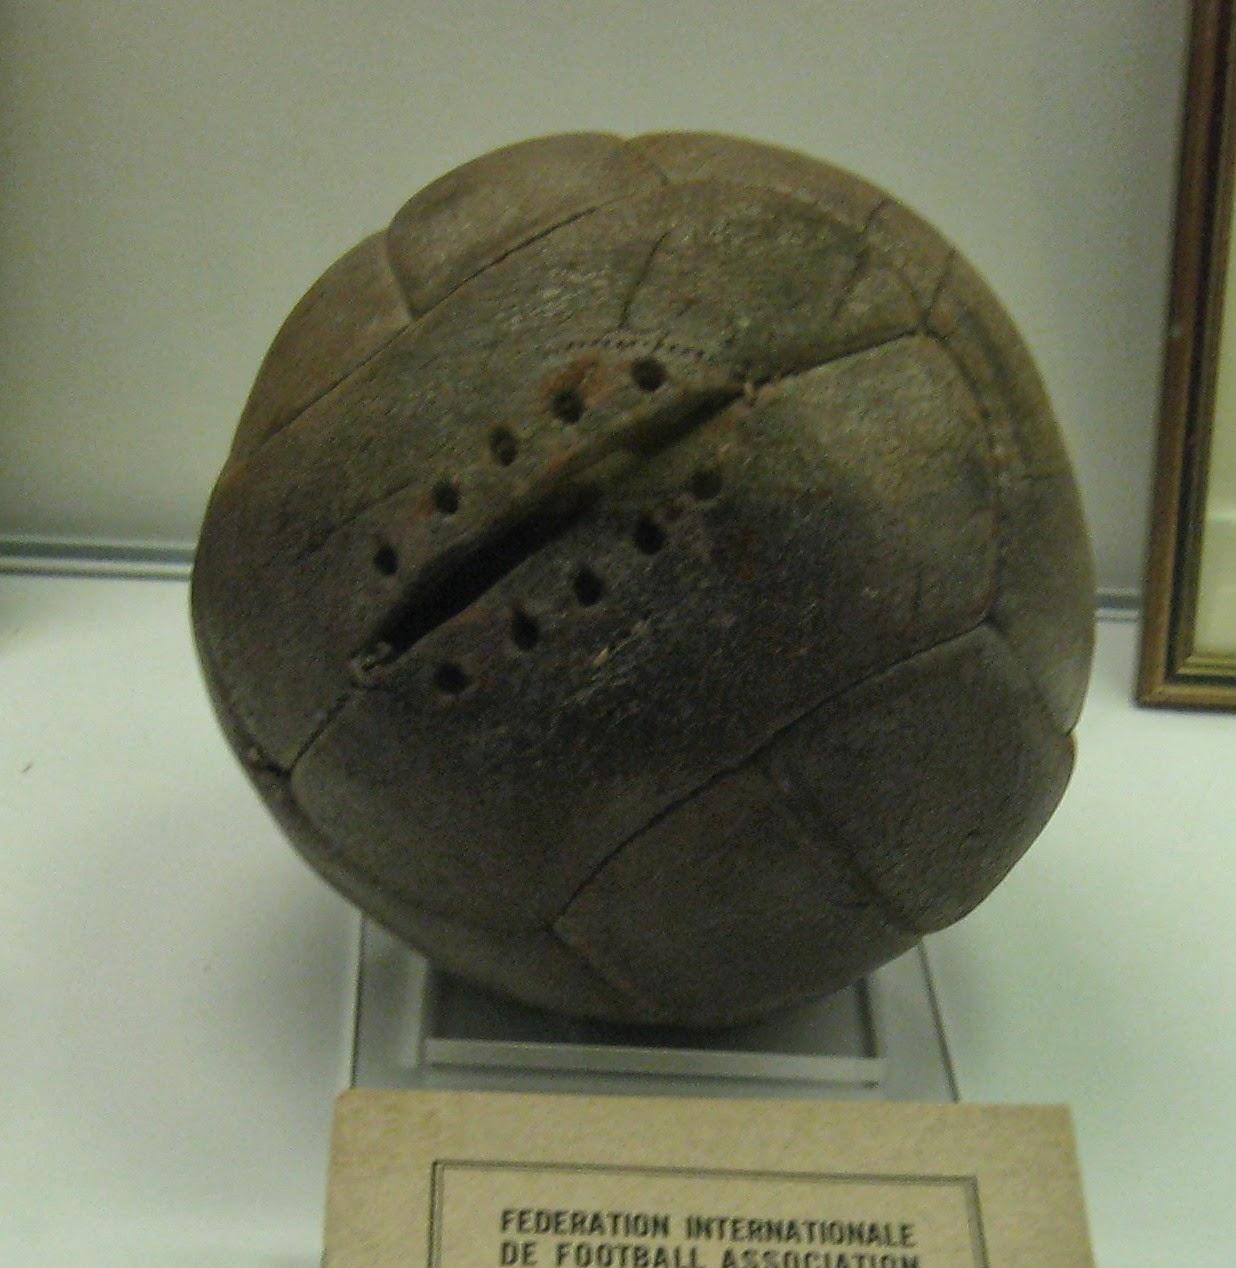 اول كرة قدم مصنوعة من الجلد ومحشوة بالريش